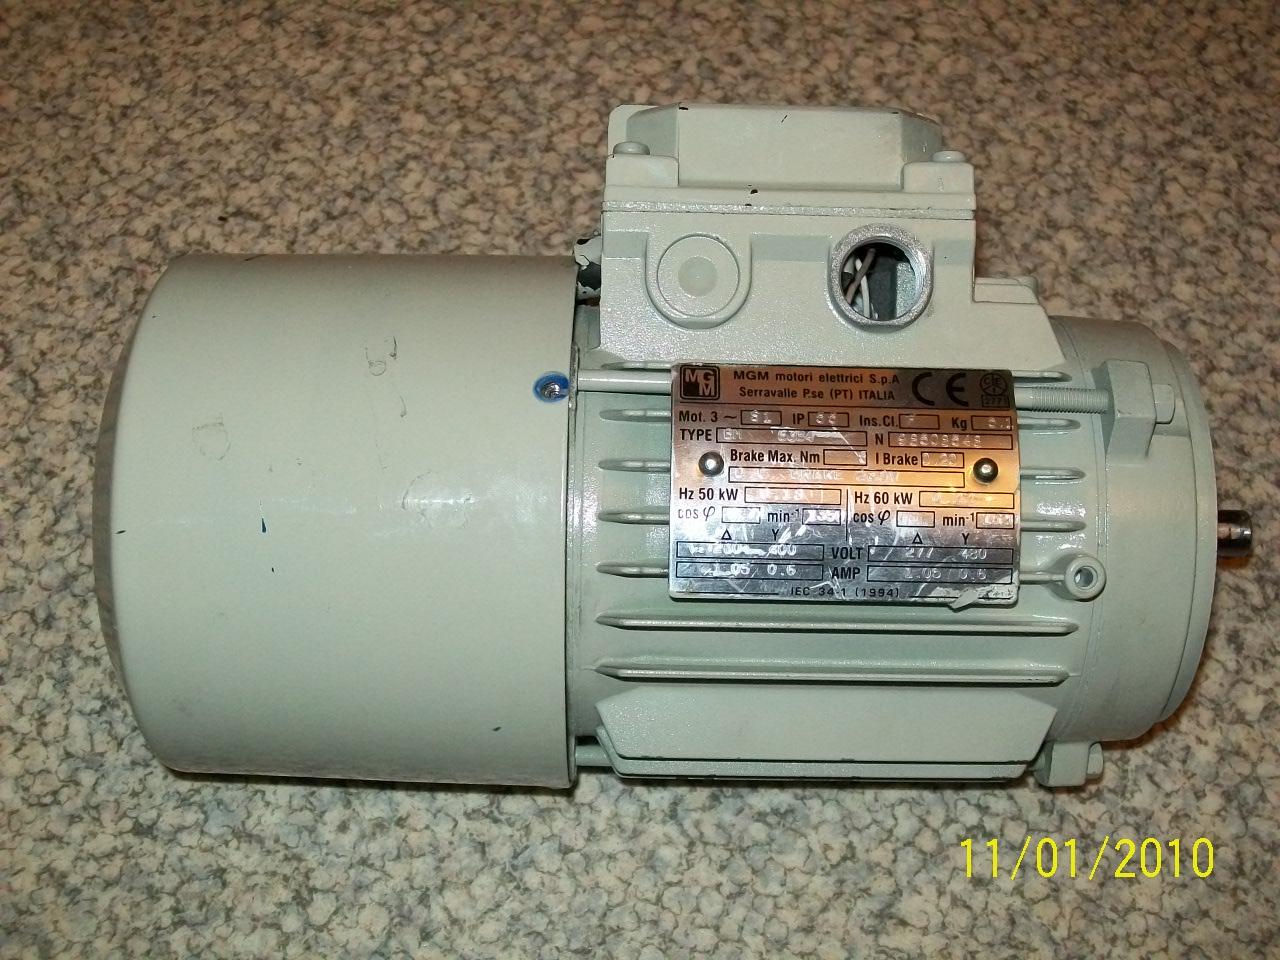 Moteur Electrique Puissant : connaitre la puissance d 39 un moteur electrique ~ Melissatoandfro.com Idées de Décoration